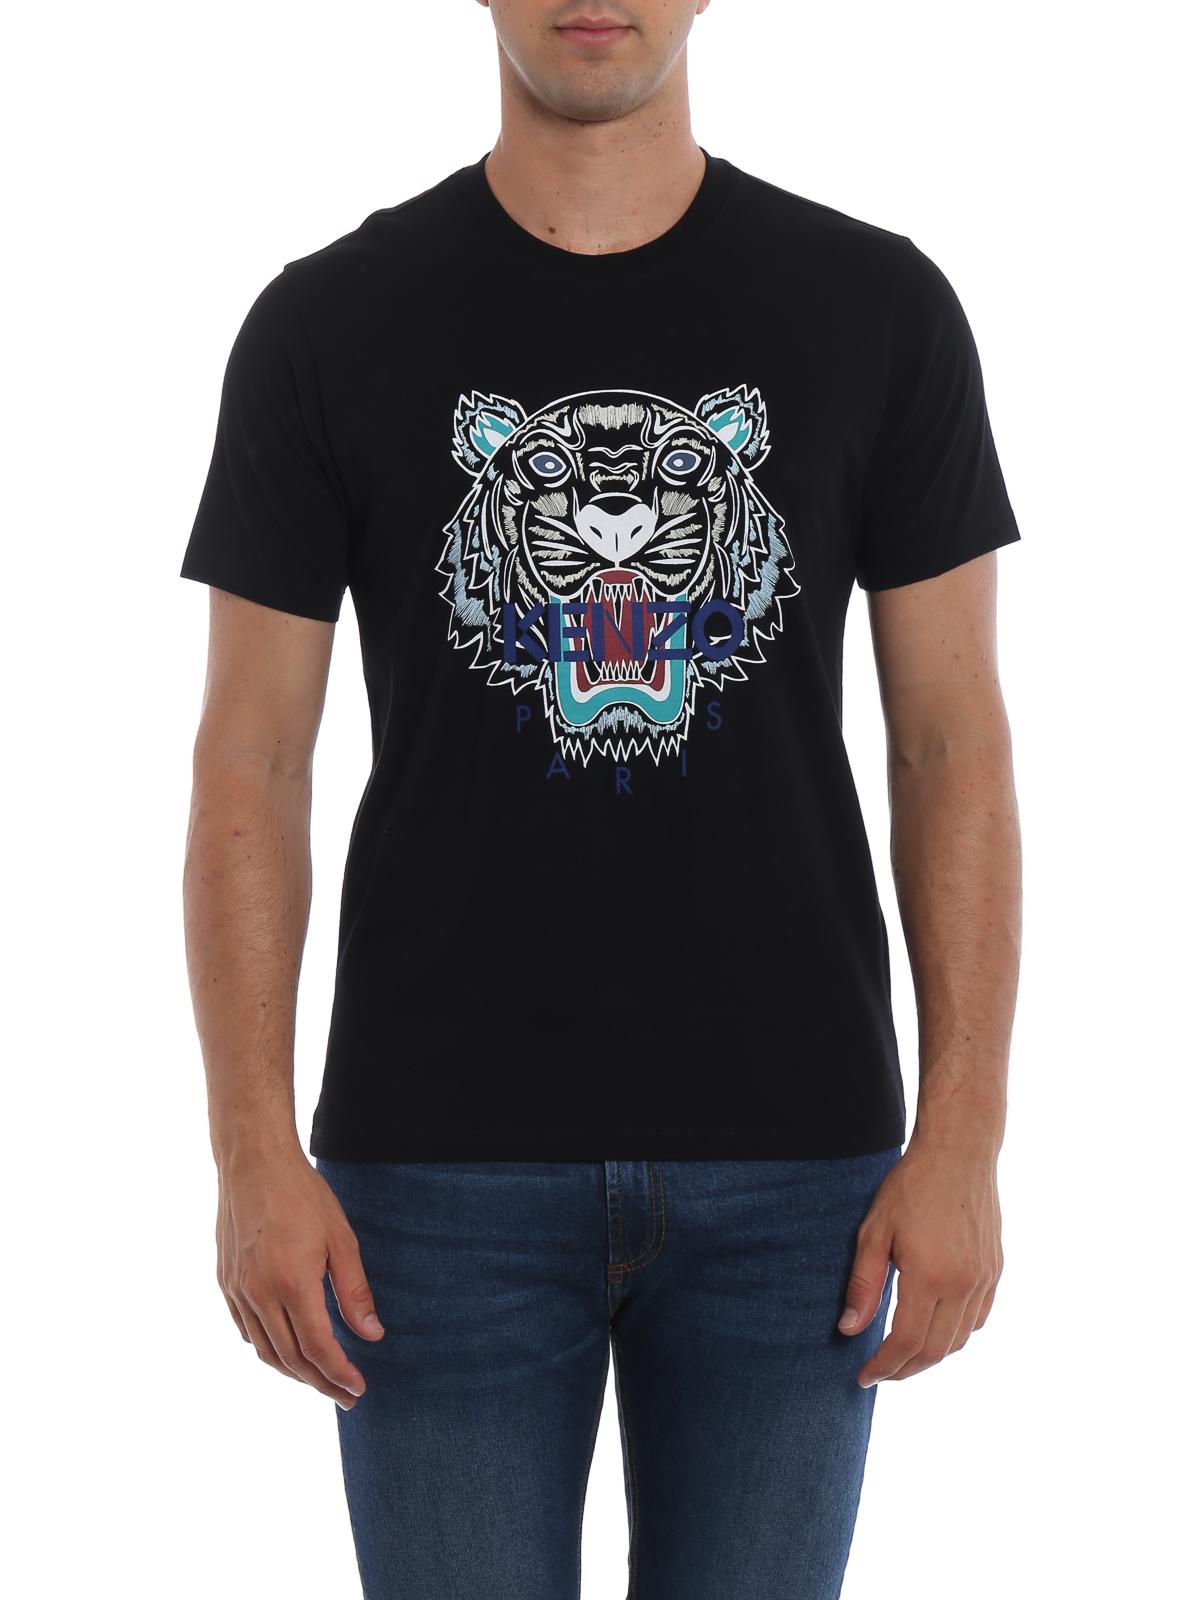 b7a77f5c1 Kenzo - Kenzo Paris Tiger black T-shirt - تی شرت - F865TS0504YA99